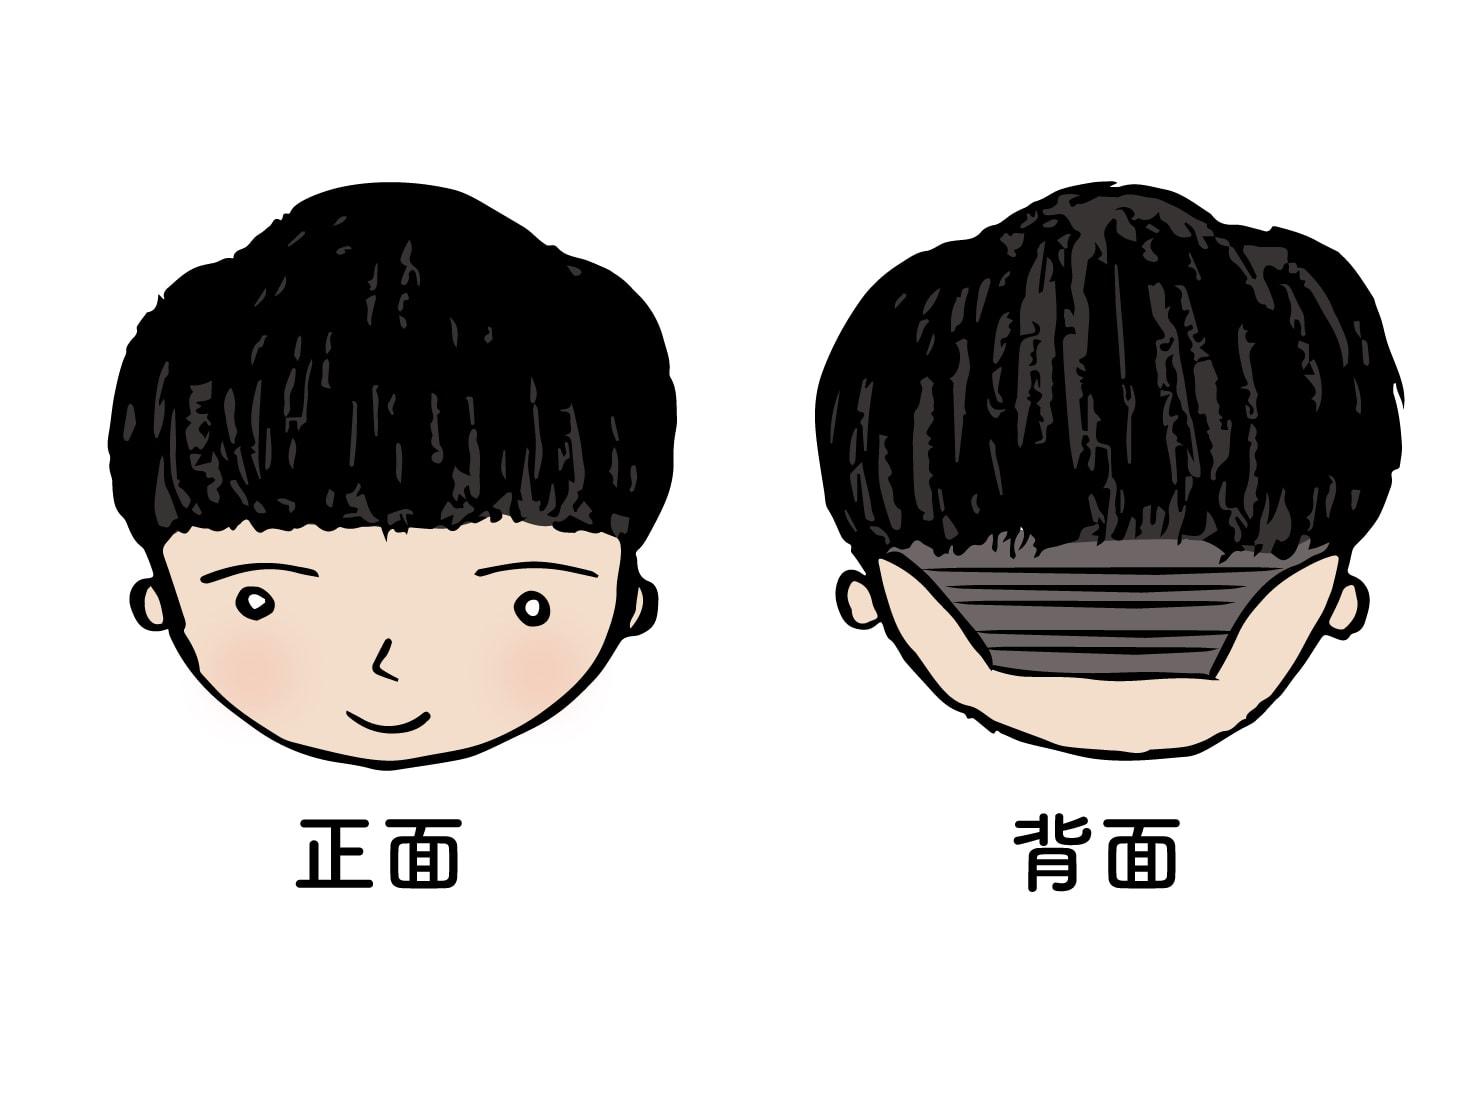 台湾男子御用達のヘアスタイル「マッシュルーム」